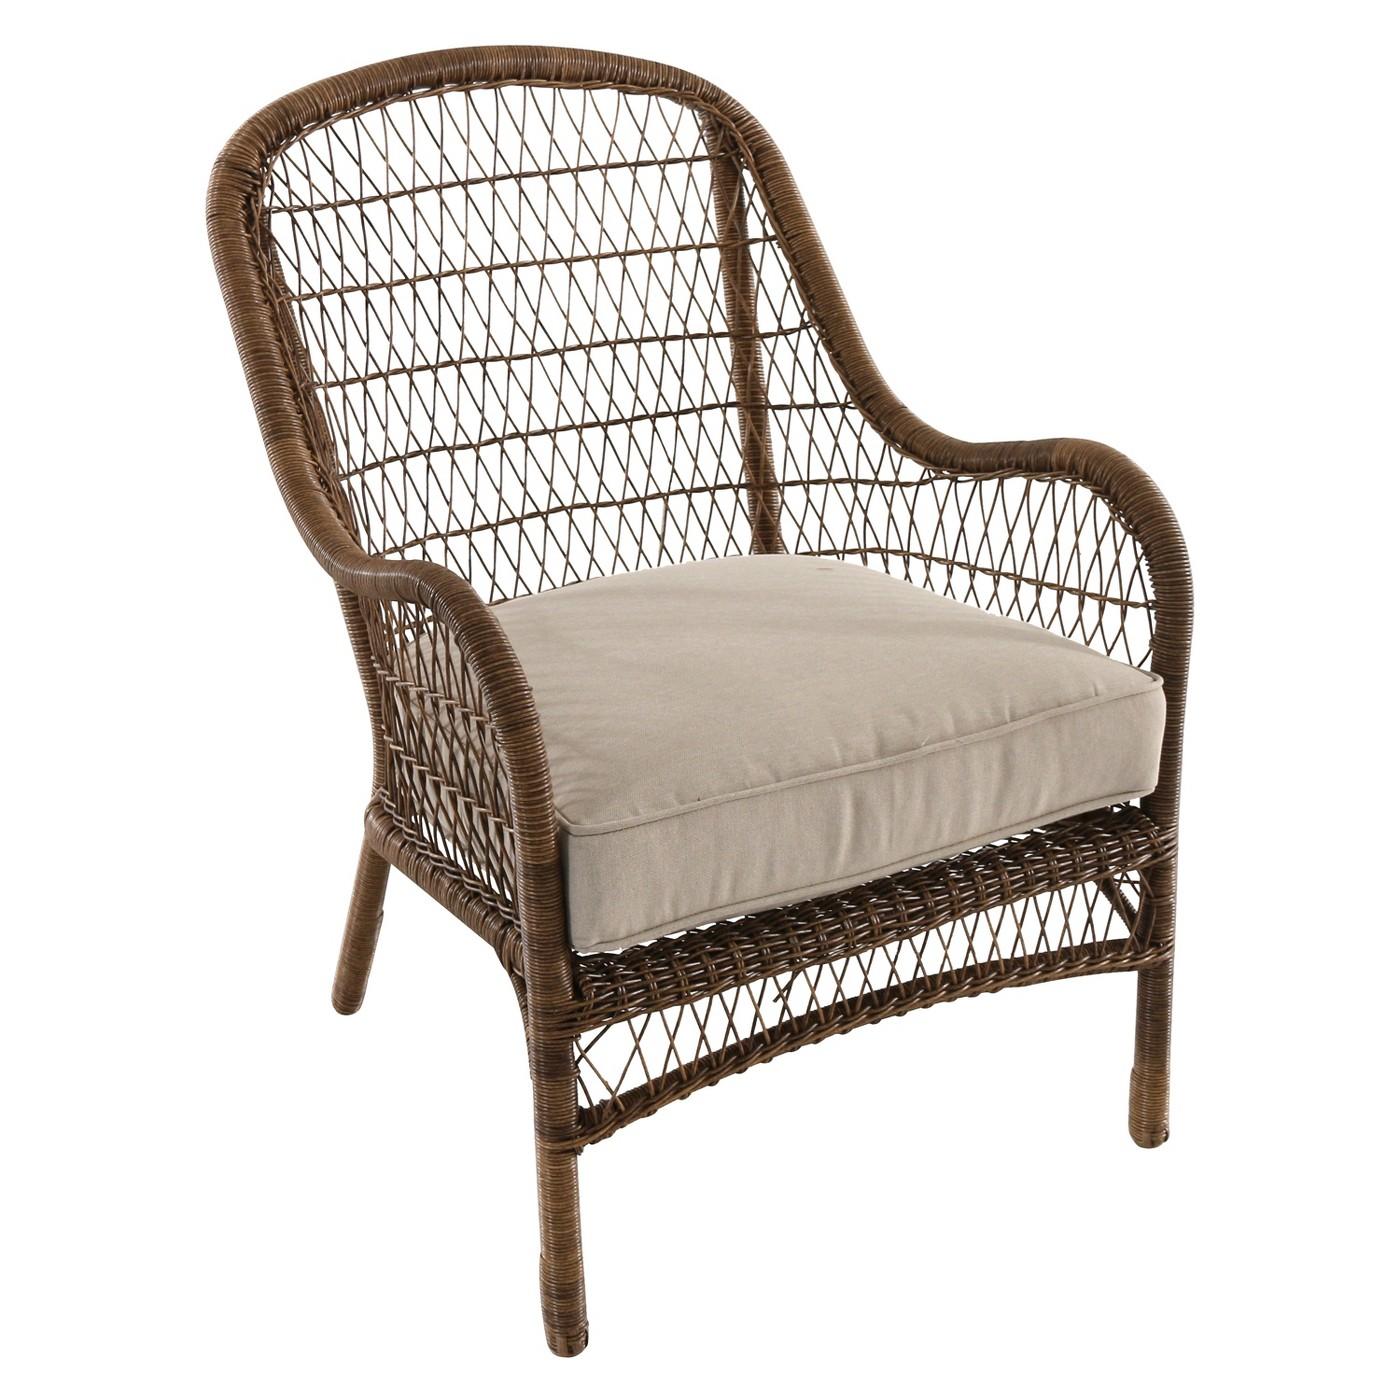 Wicker Chair $80